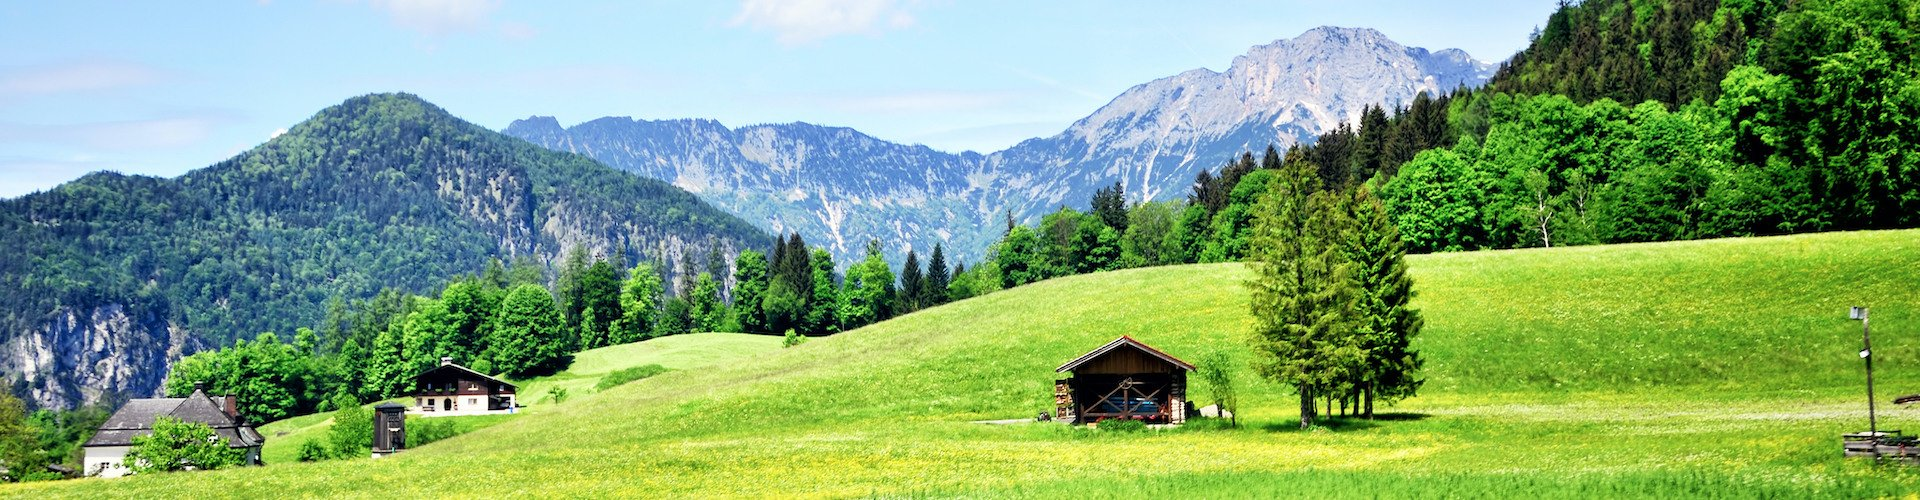 Familienurlaub im Bayerischen Wald